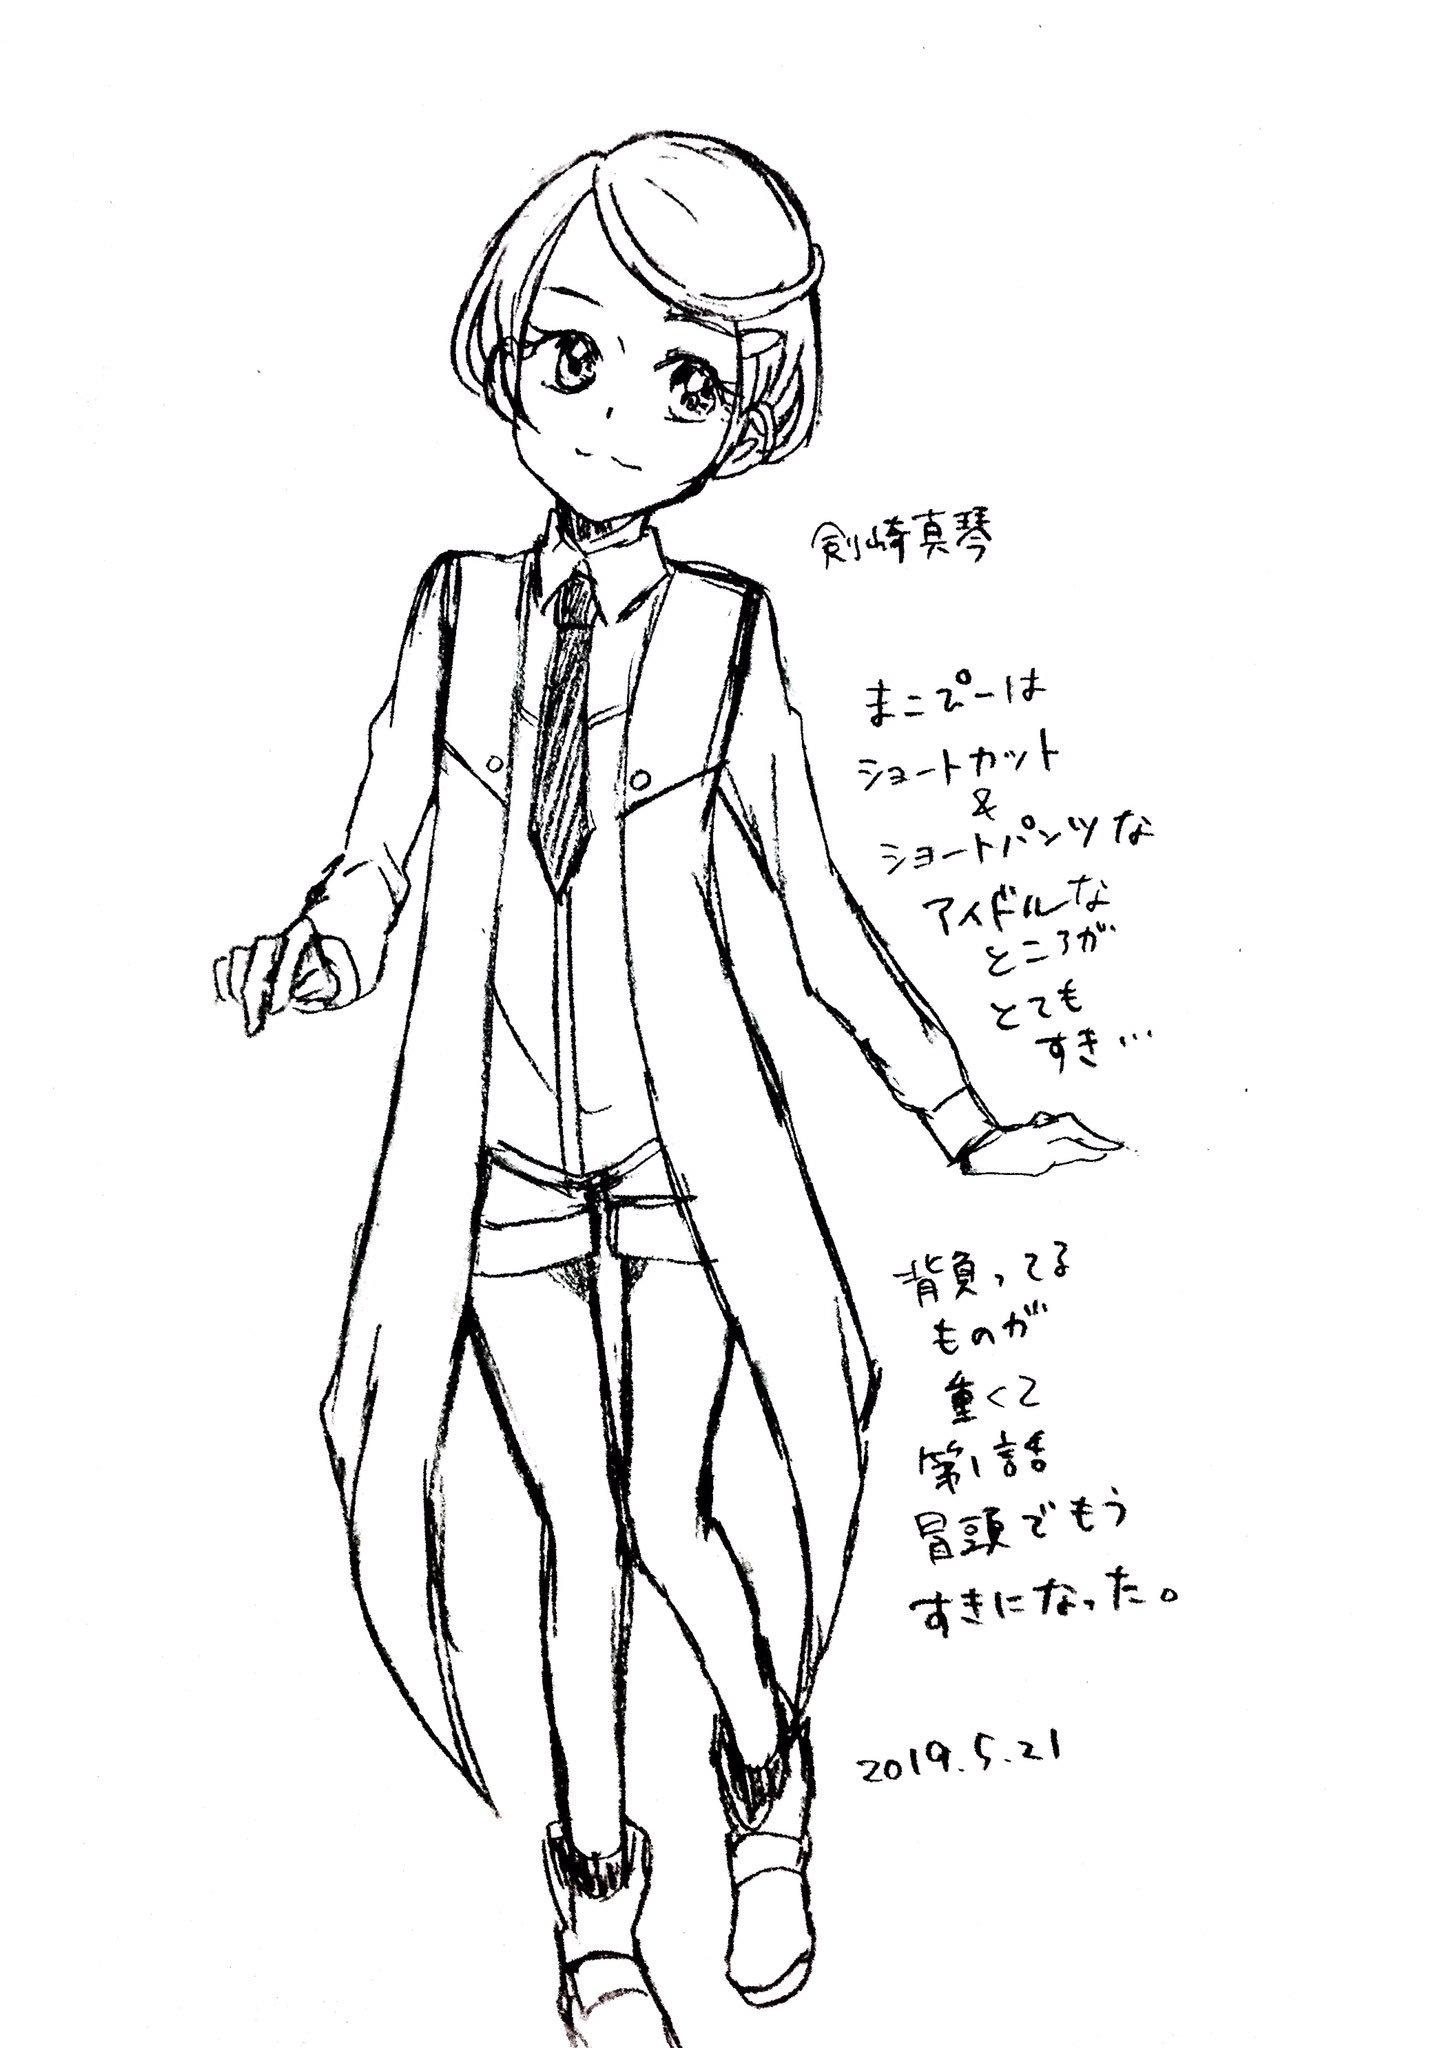 ちぇこ (@chikicheko)さんのイラスト